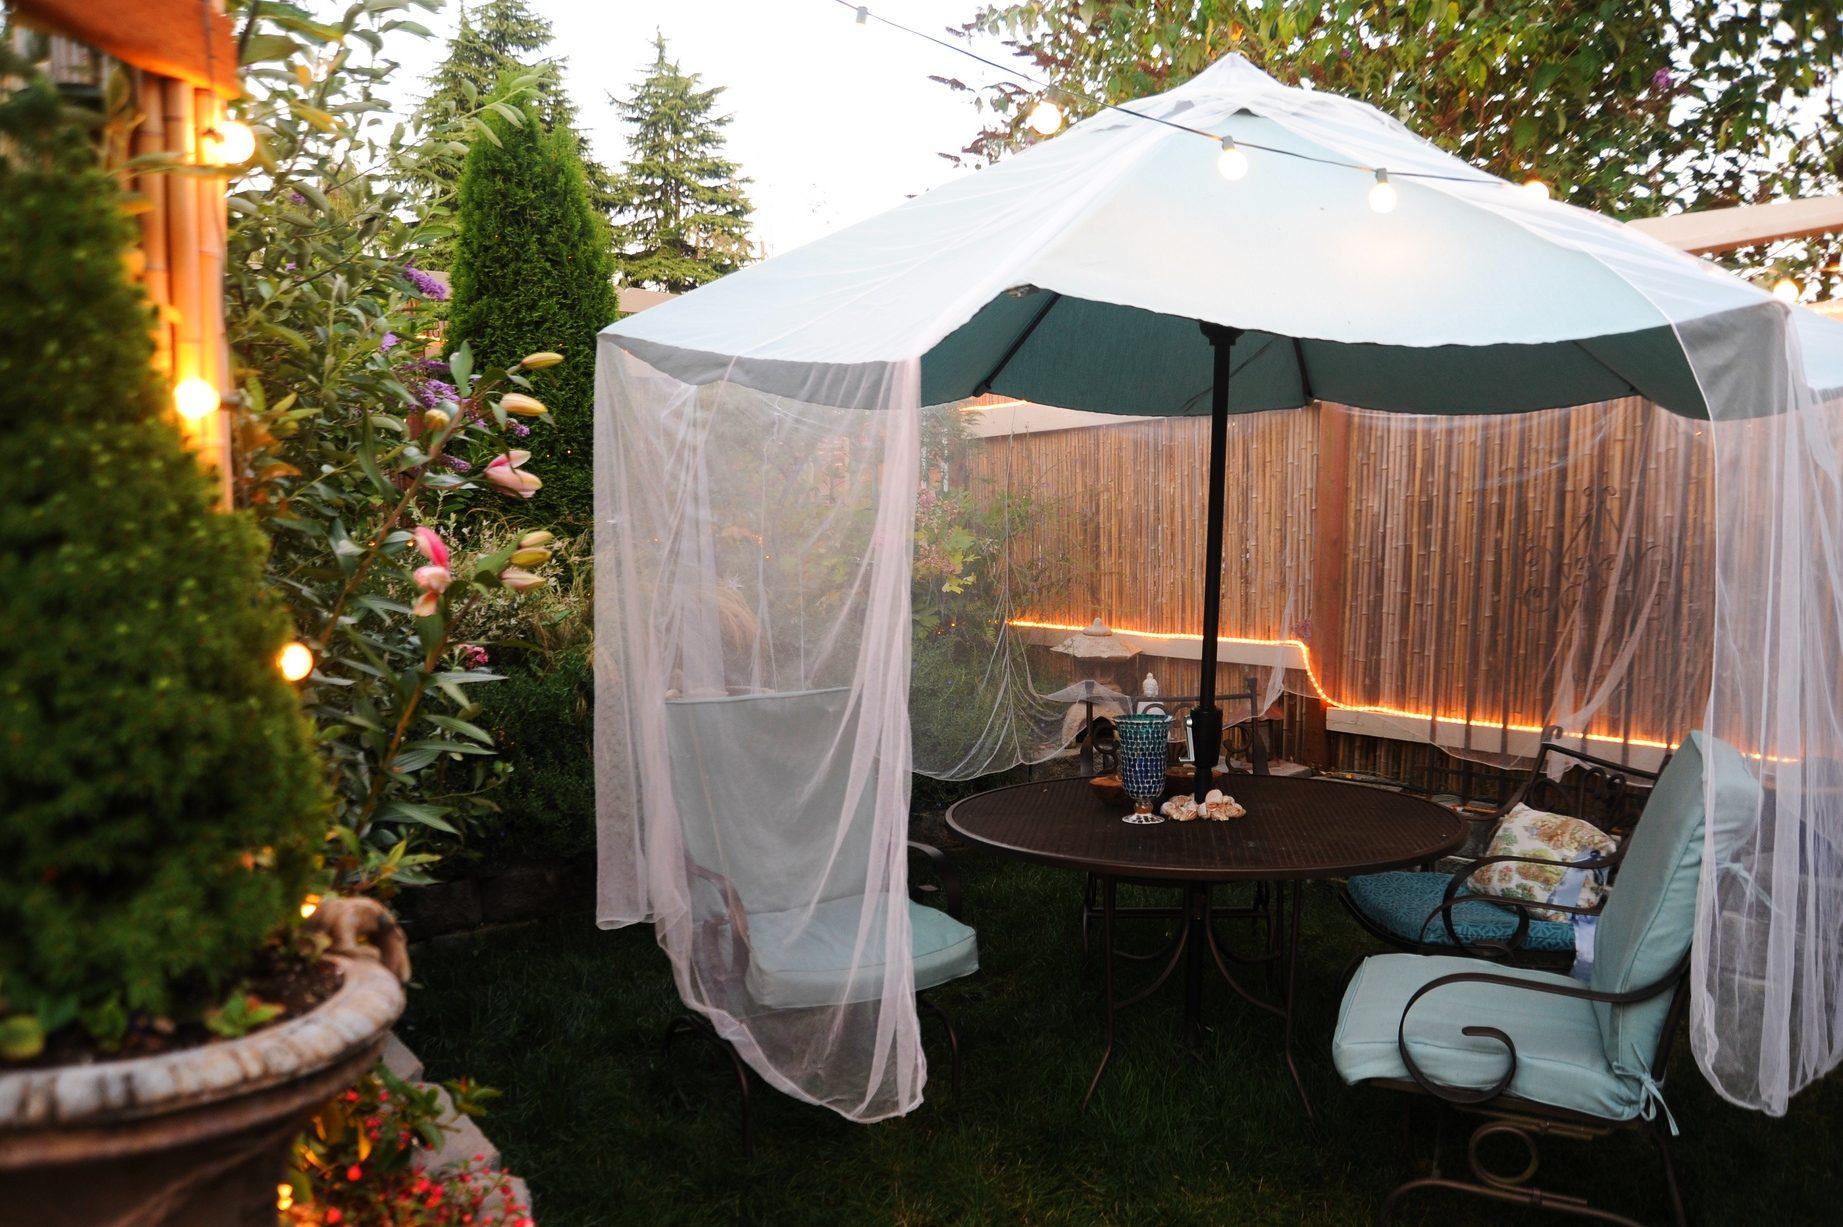 Migliori ombrelloni da giardino classifica 2020 opinioni for Offerte giardino